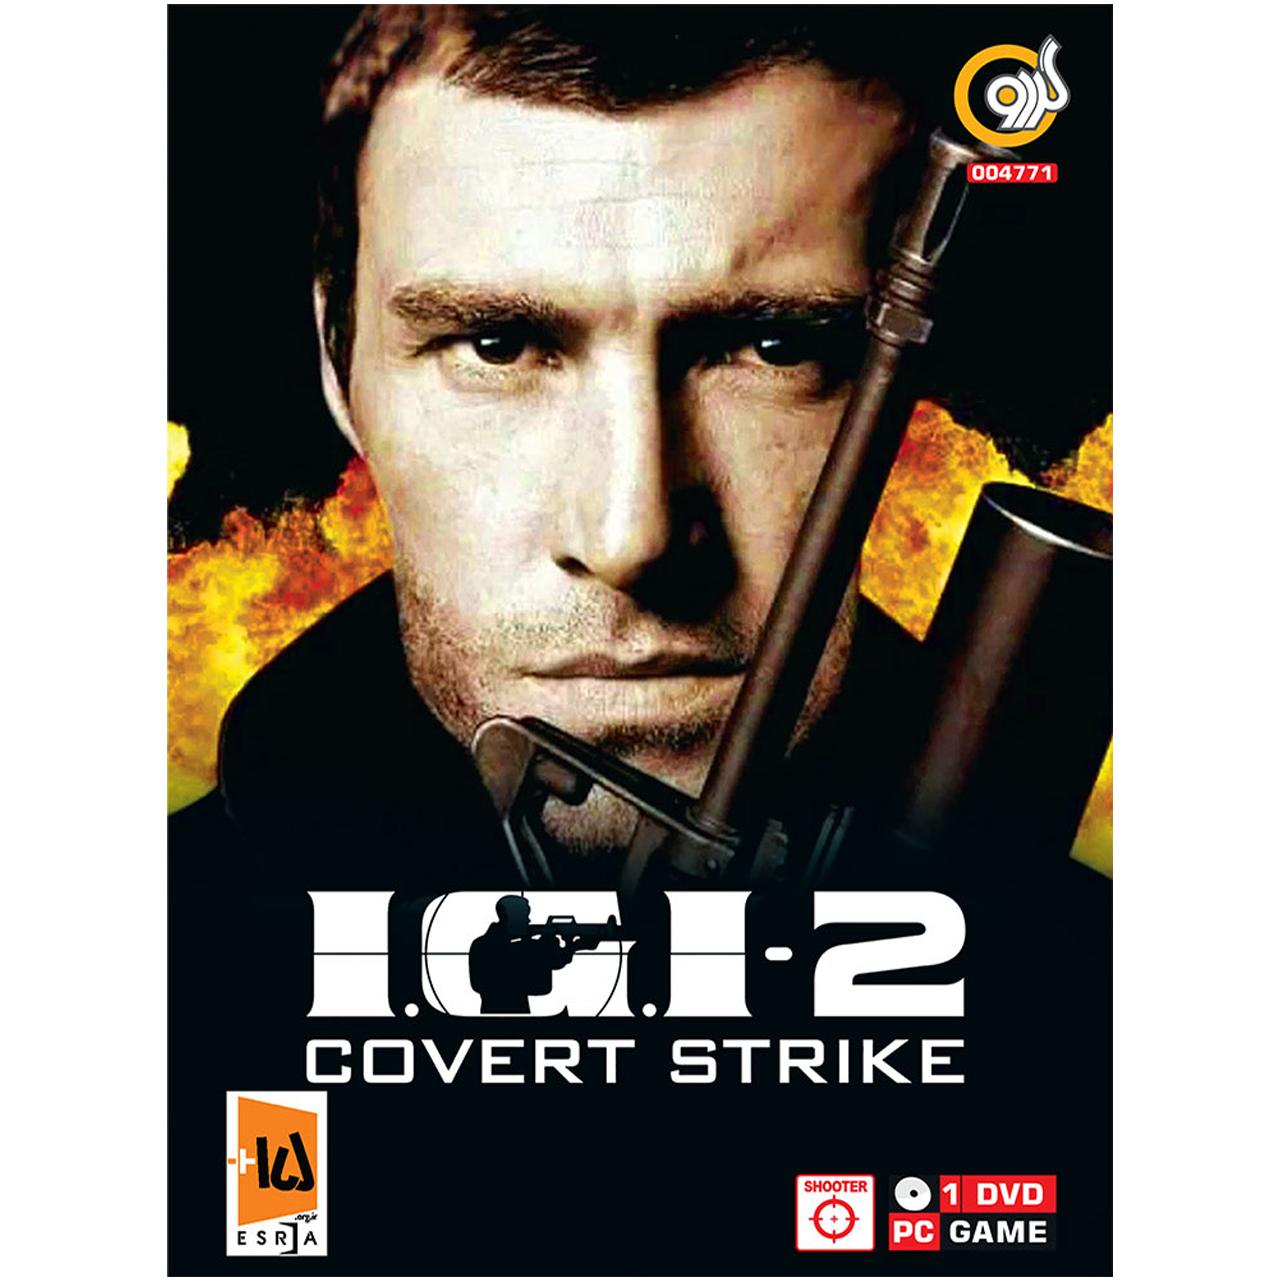 خرید اینترنتی بازی گردو I.G.I.2 Covert Strike مخصوص PC اورجینال